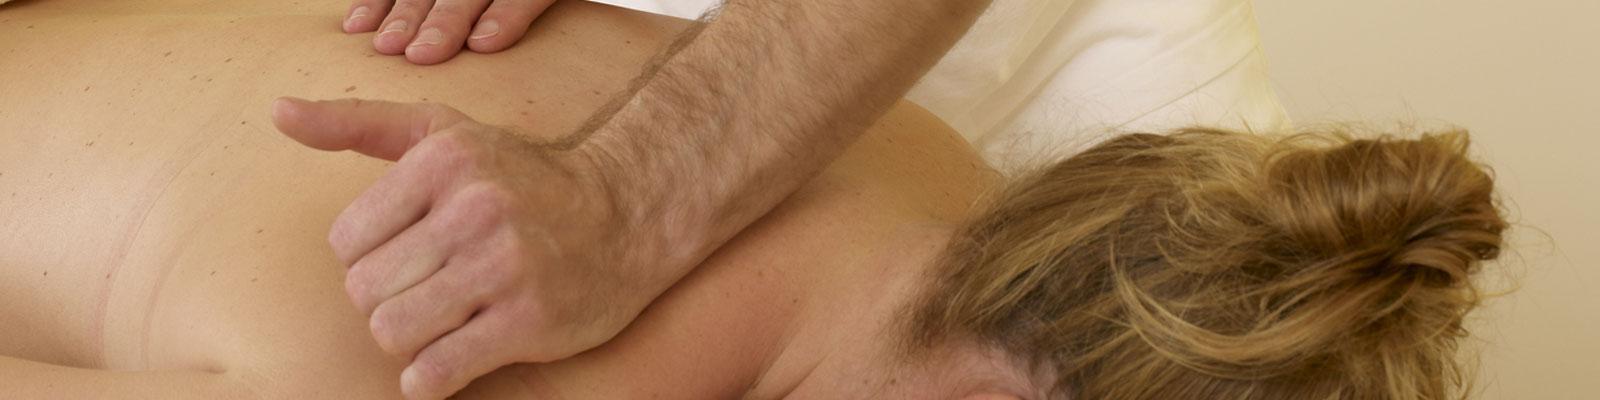 Klassische Medizinische Massage